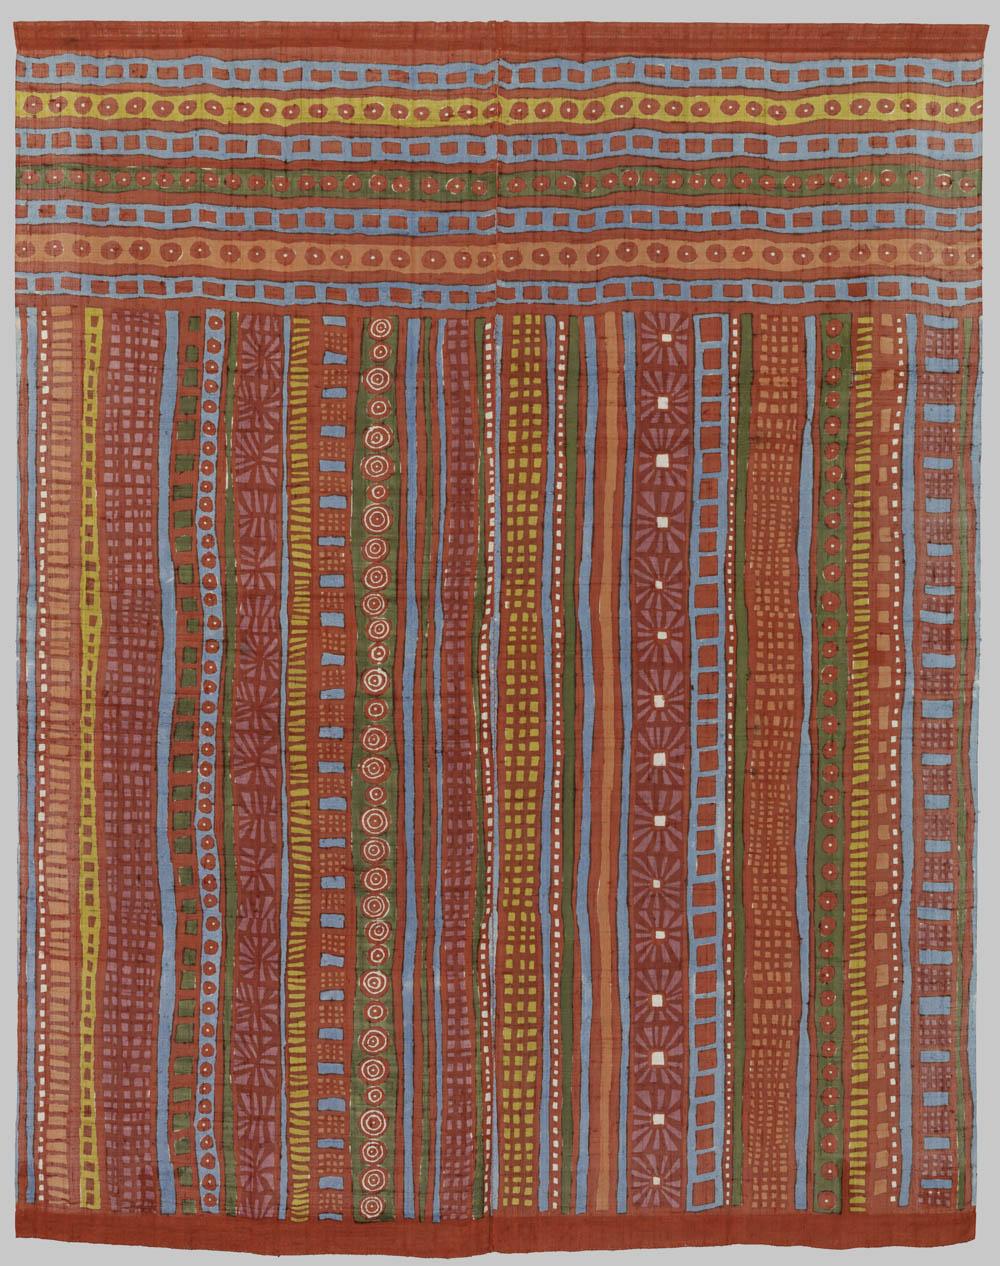 'Stripes', 1977, Silk, 196 x 156 cm, Don Samirō Yunoki, 2013 - MA 12565, © Paris, RMN - Grand Palais (Musée Guimet, Paris) / Thierry Ollivier